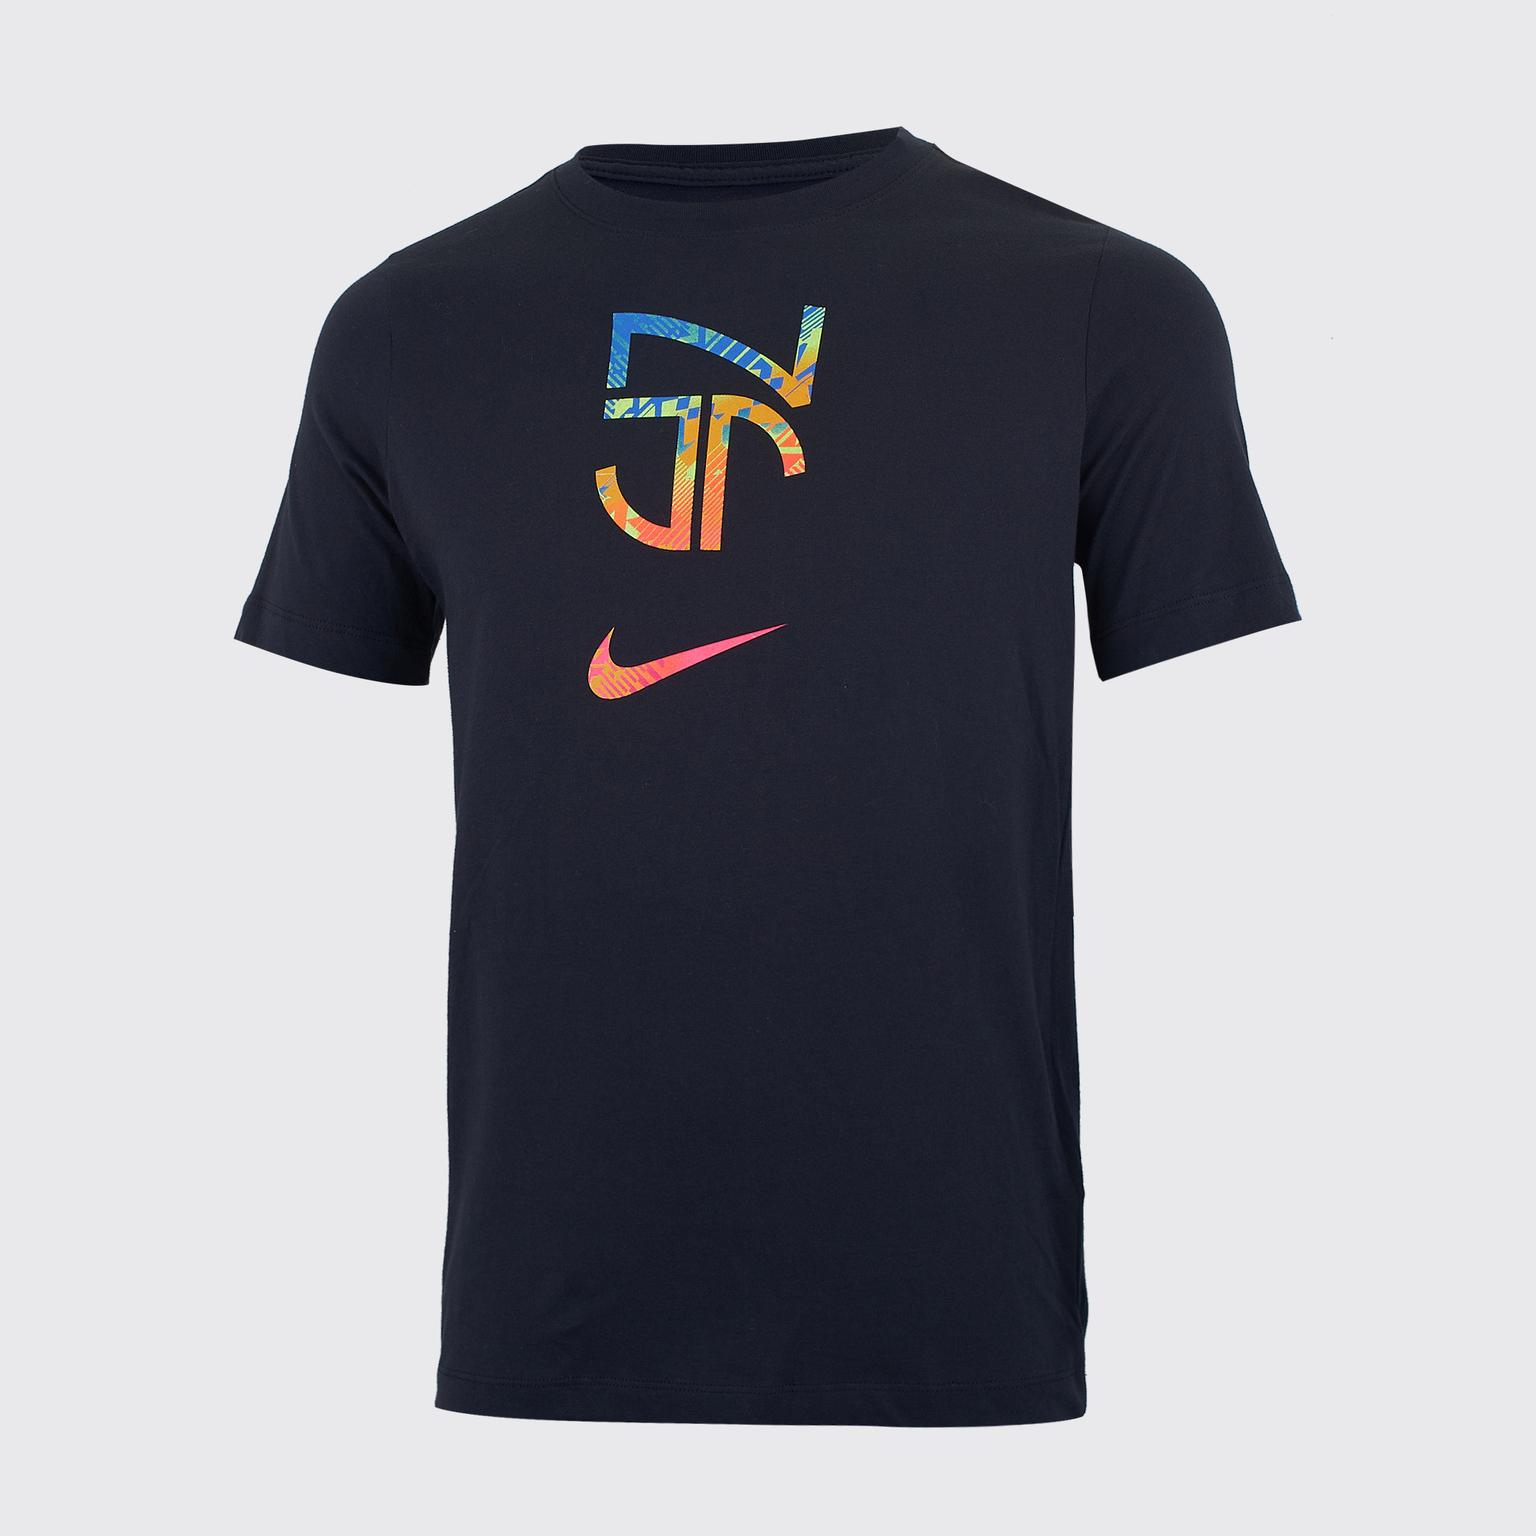 Футболка подростковая Nike Neymar Tee Hero CD0174-010 футболка подростковая nike team club blend tee 658494 451